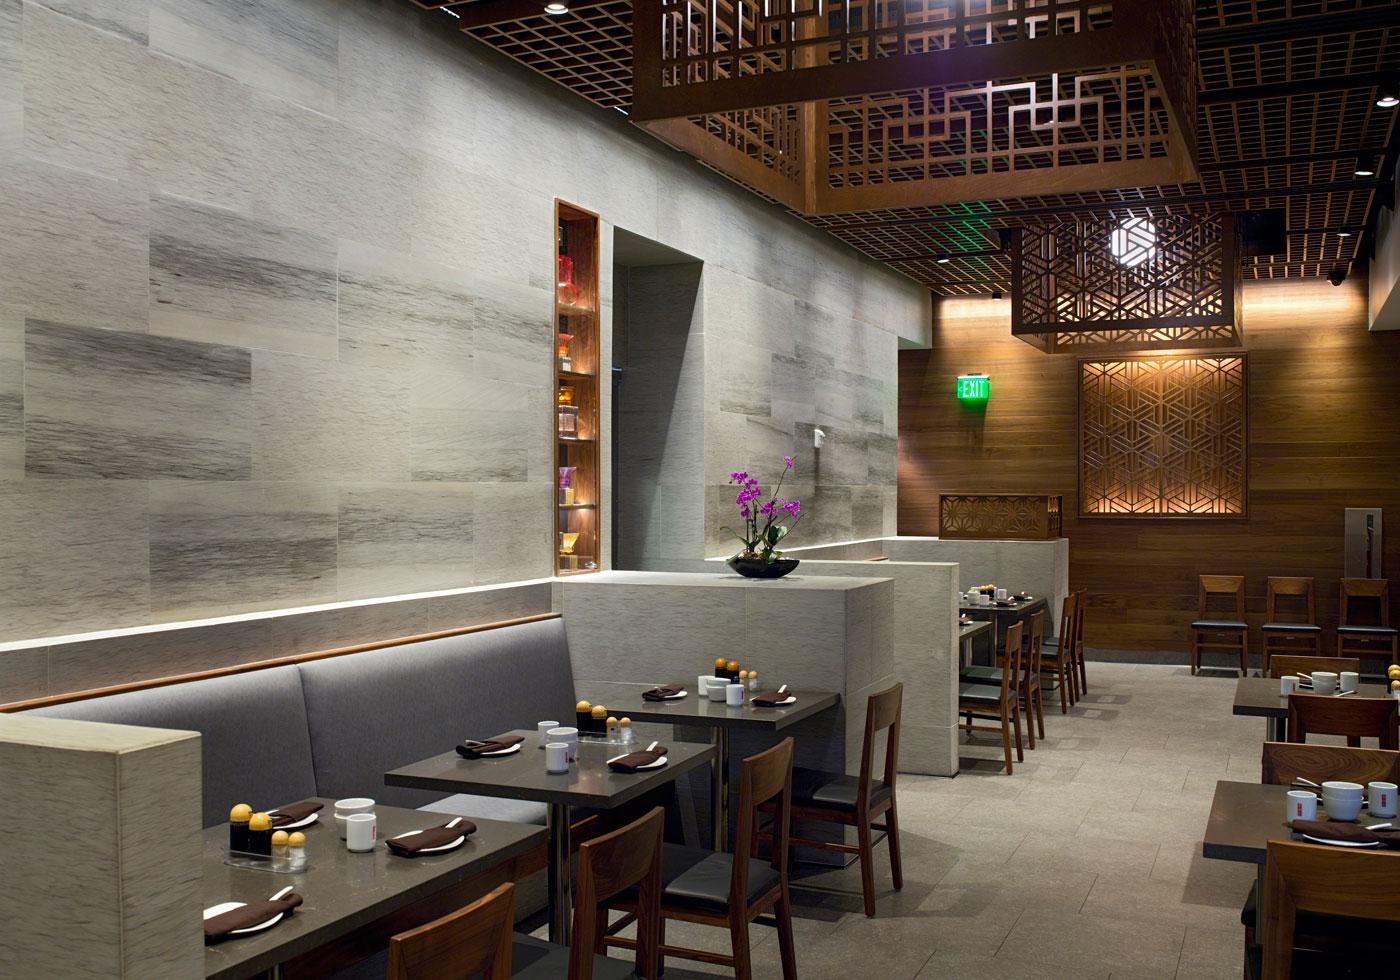 Din Tai Fung Poon Design Inc